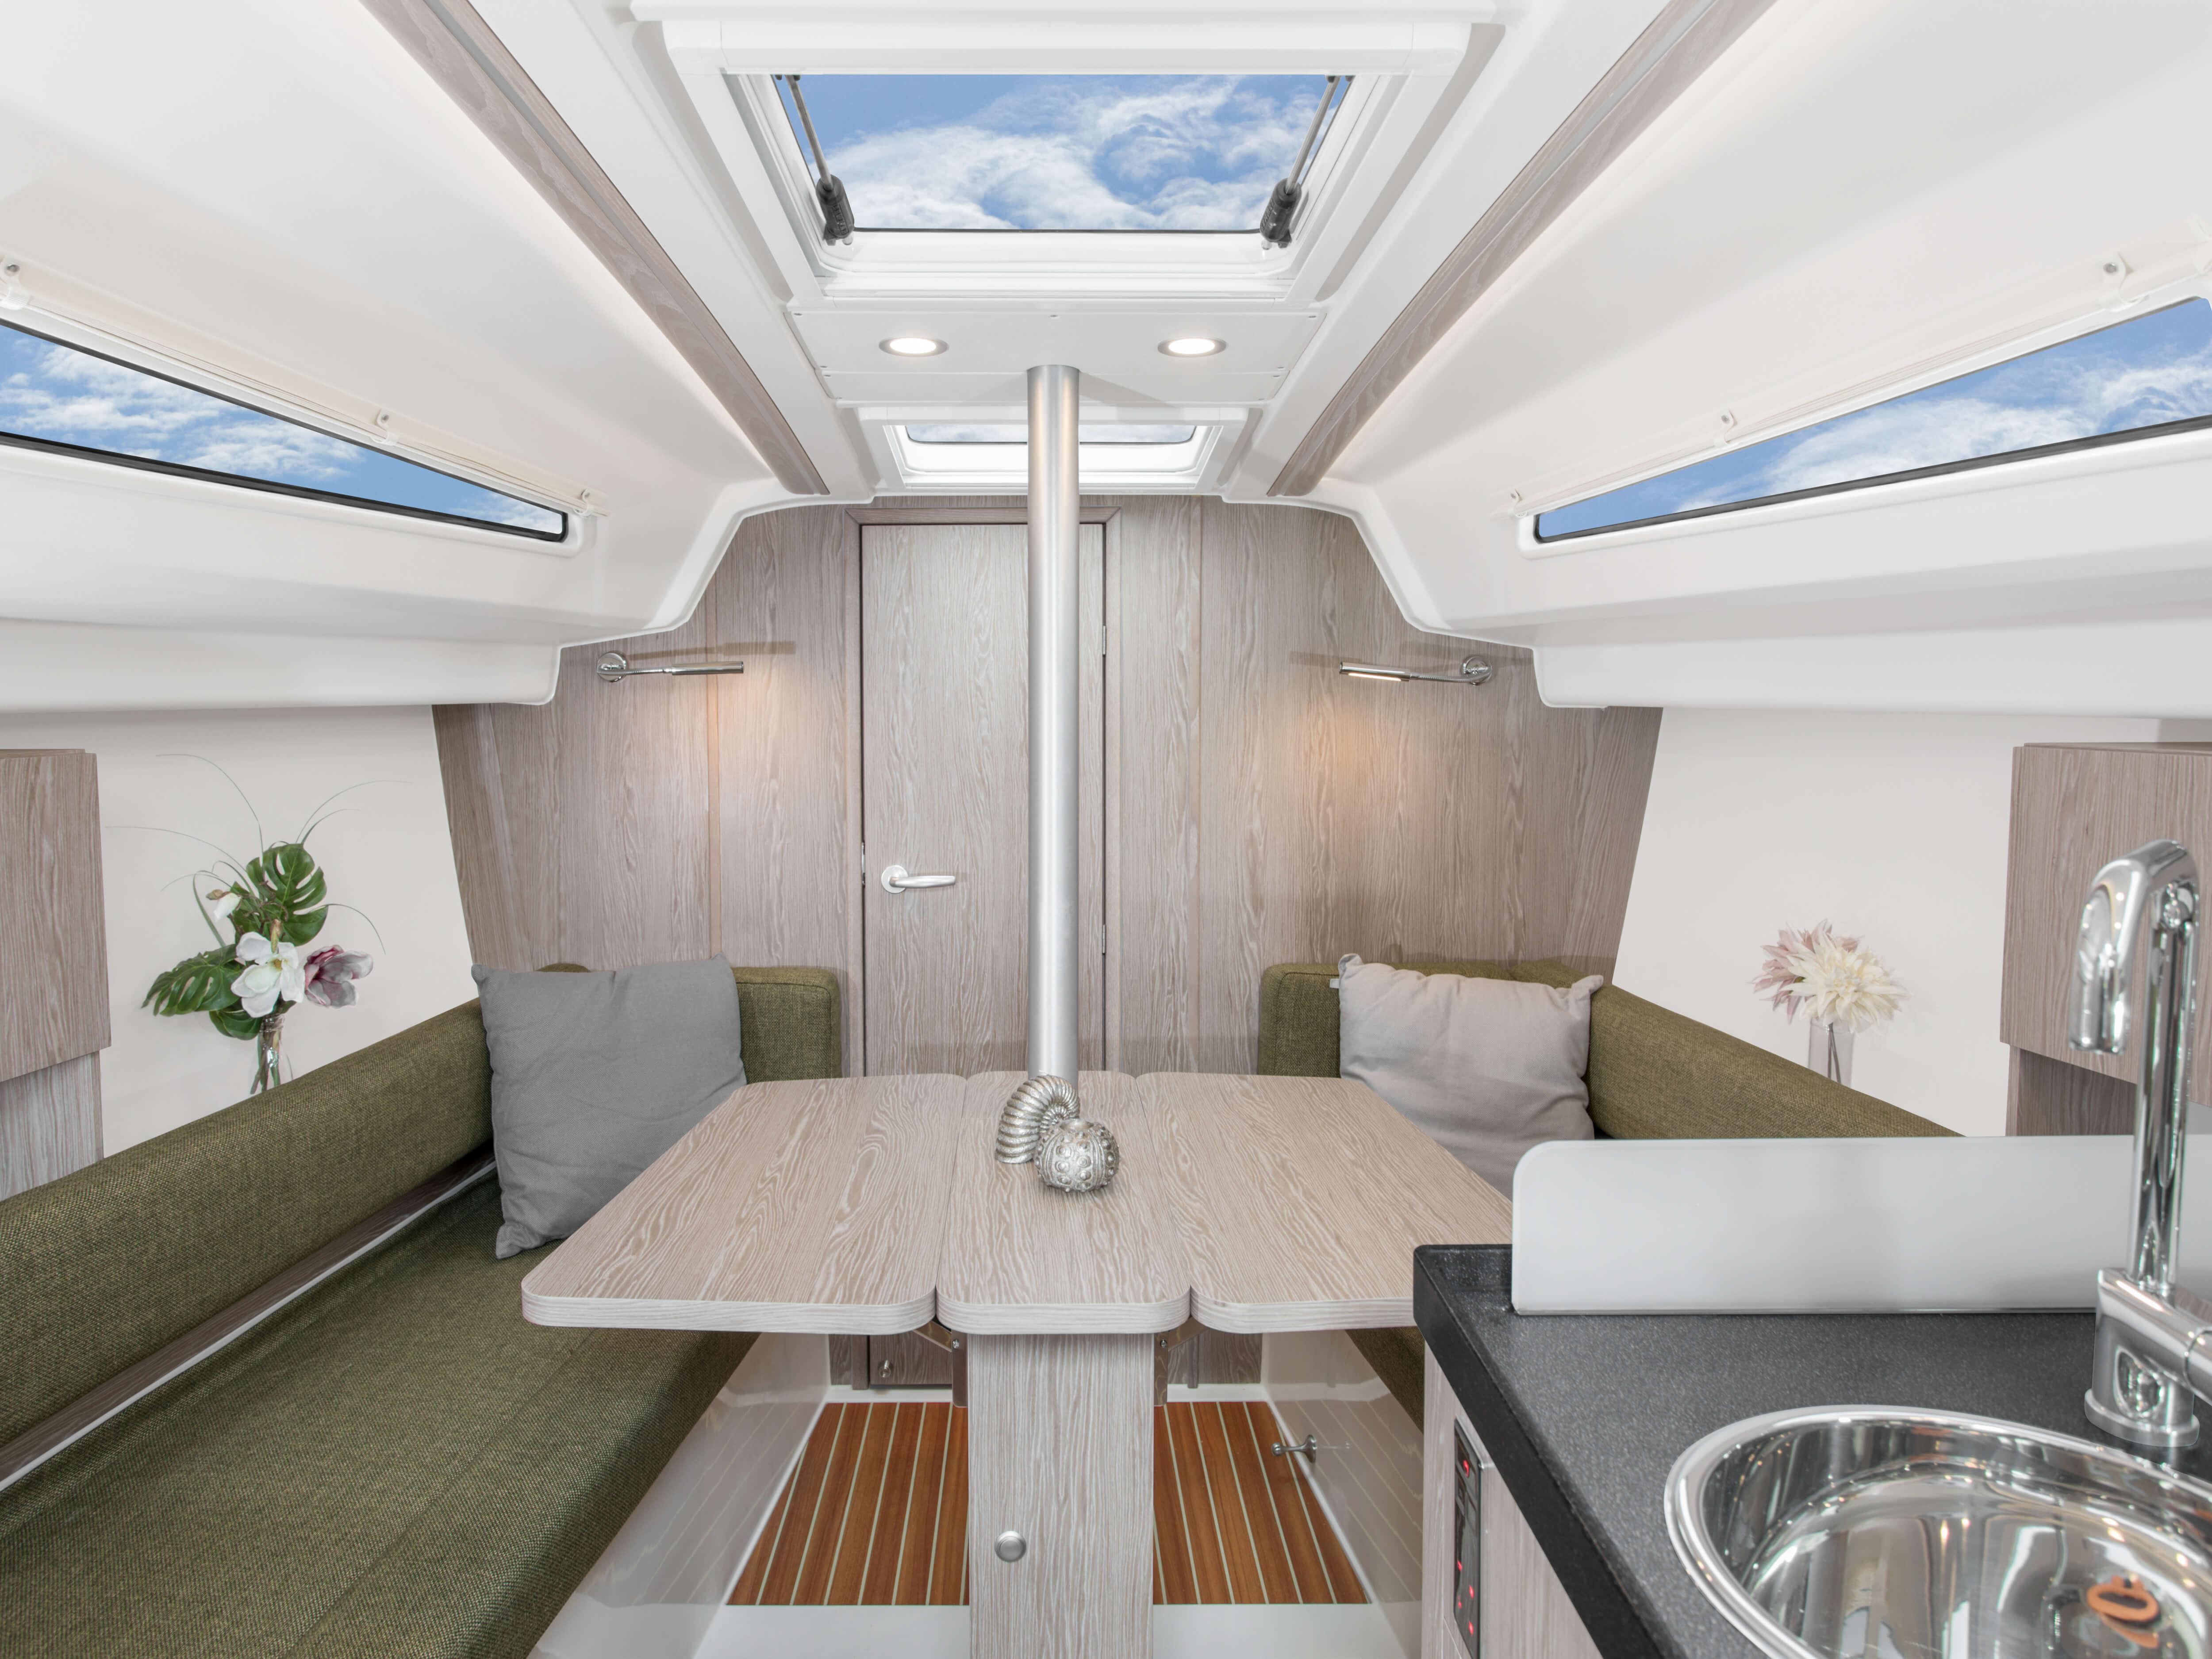 Hanse 315 Interno salone | Grazie alle diverse varianti di layout e alla grande selezione di combinazioni ed opzioni - con un'alta qualità di tessuti, legno pregiato, colori di tendenza e la possibilità di selezionare pavimenti e arredi eleganti - rende il tuo HANSE uno yacht totalmente personalizzato. | Hanse